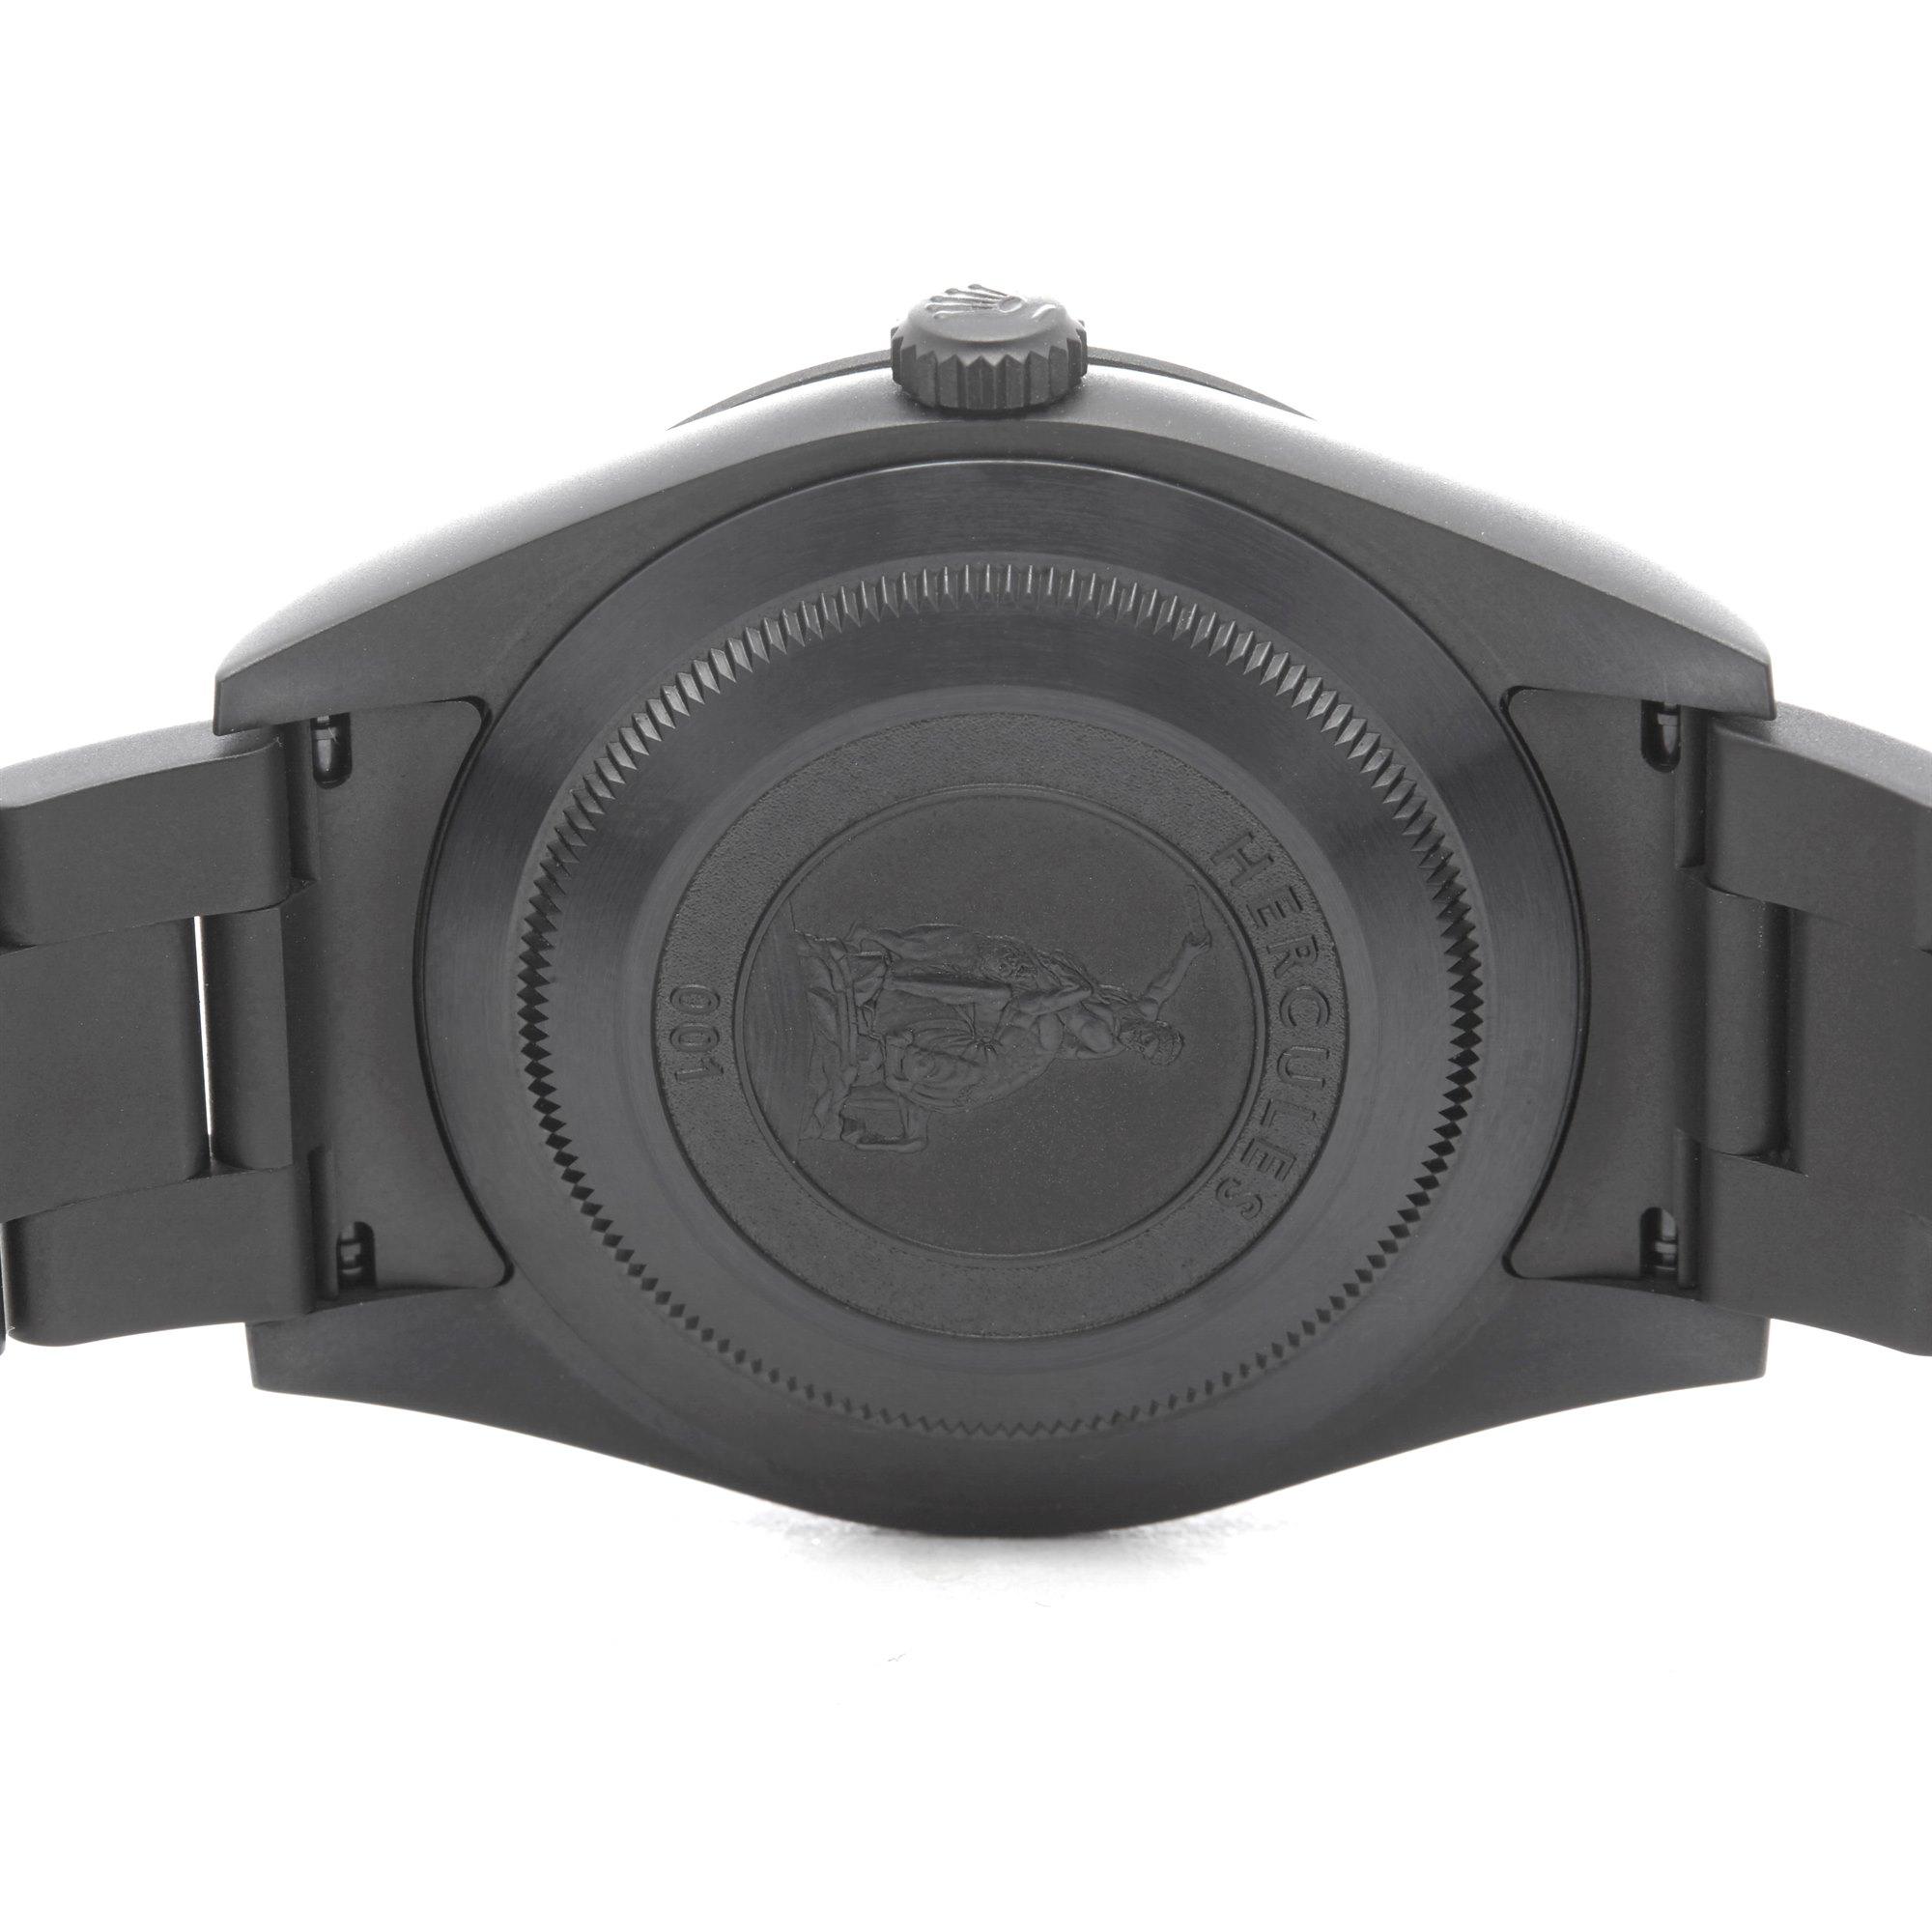 Rolex Explorer I Hercules Skull Dlc Coated Stainless Steel 214270